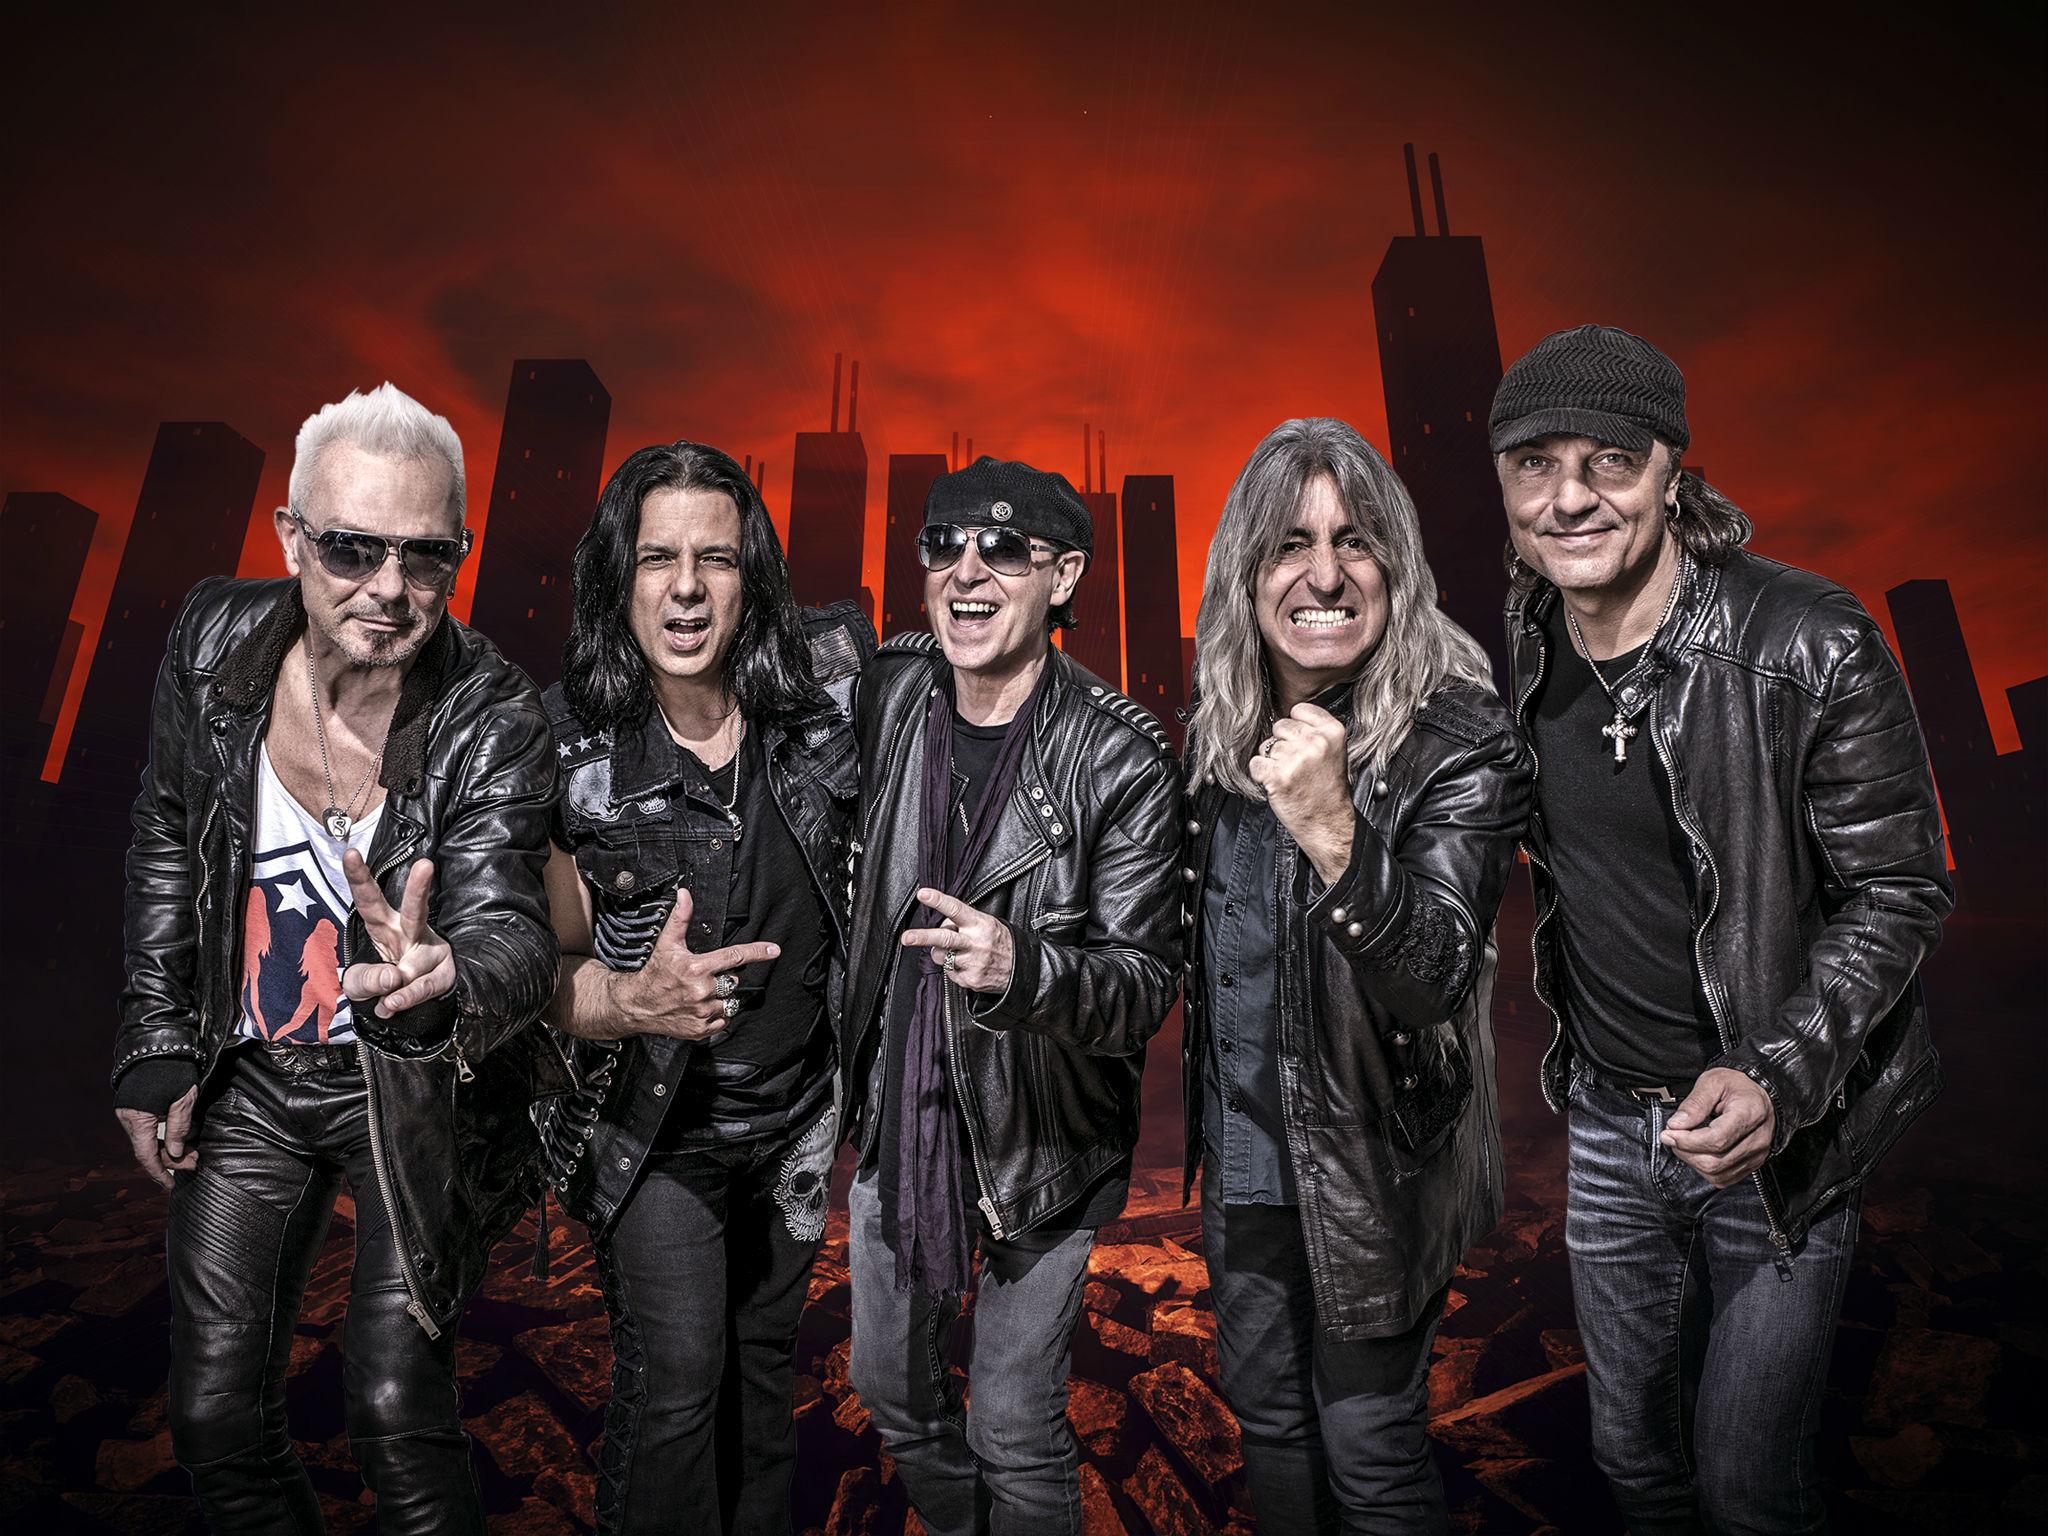 La banda alemana, Scorpions, vuelve a la CDMX